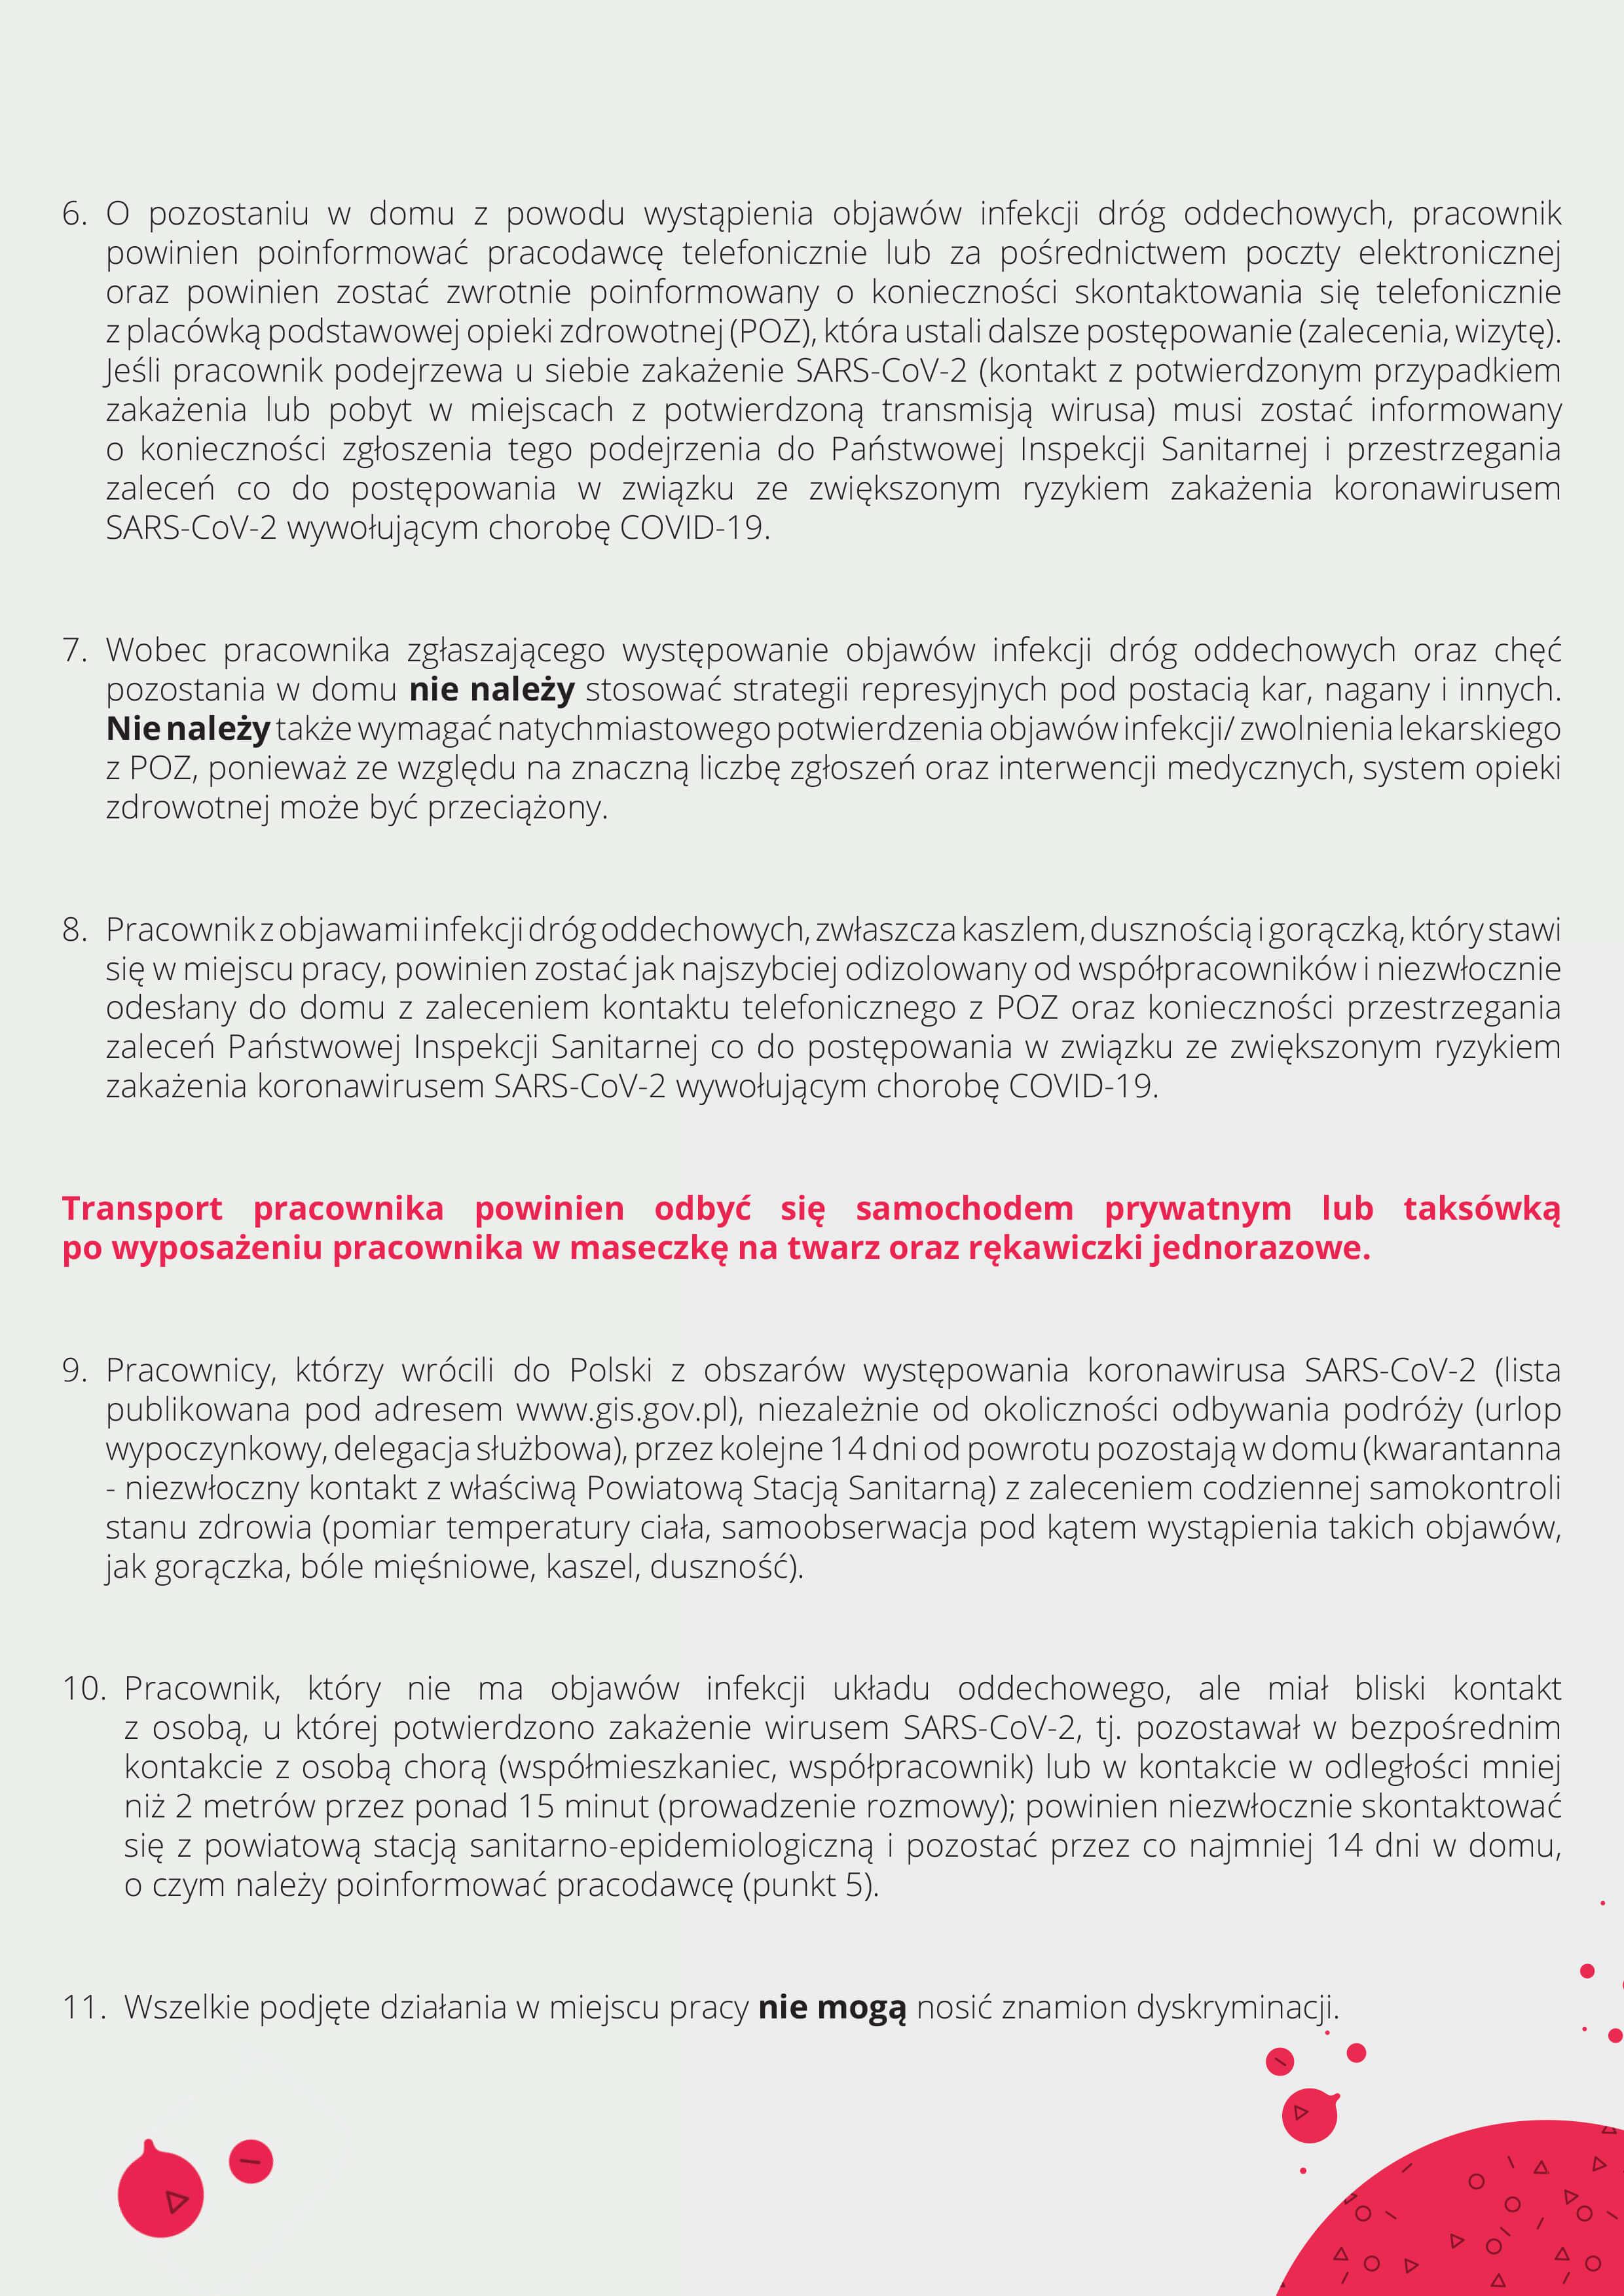 zalecenia dla pracodawców, Tymczasowe zalecenia dla pracodawców wzwiązku zkoronawirusem SARS-COV-2